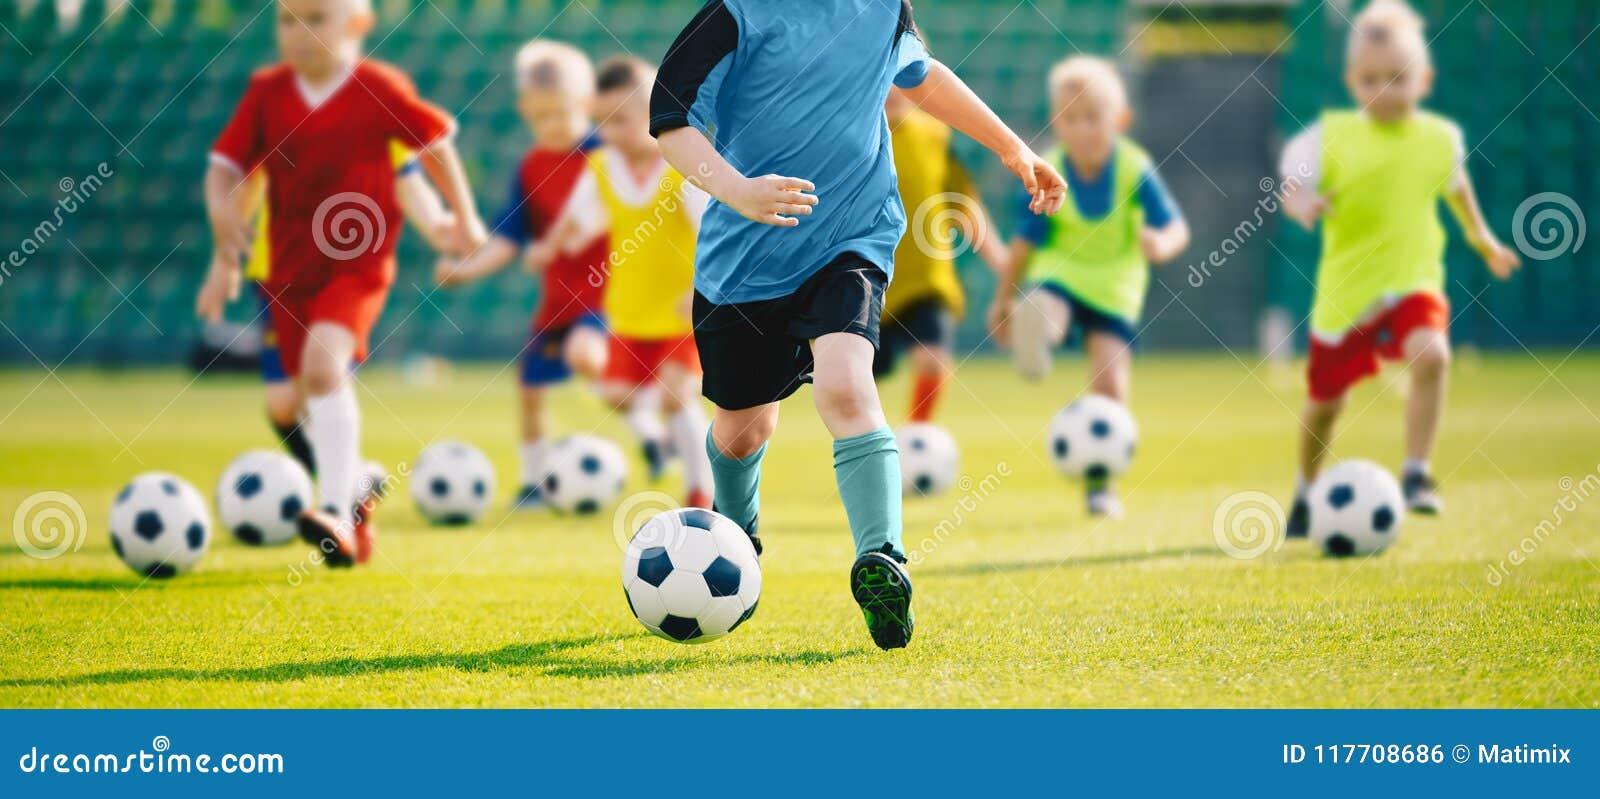 Voetbalvoetbal opleiding voor jonge geitjes Jonge jongens die de Kinderenvoetbal van voetbalvaardigheden opleiding verbeteren